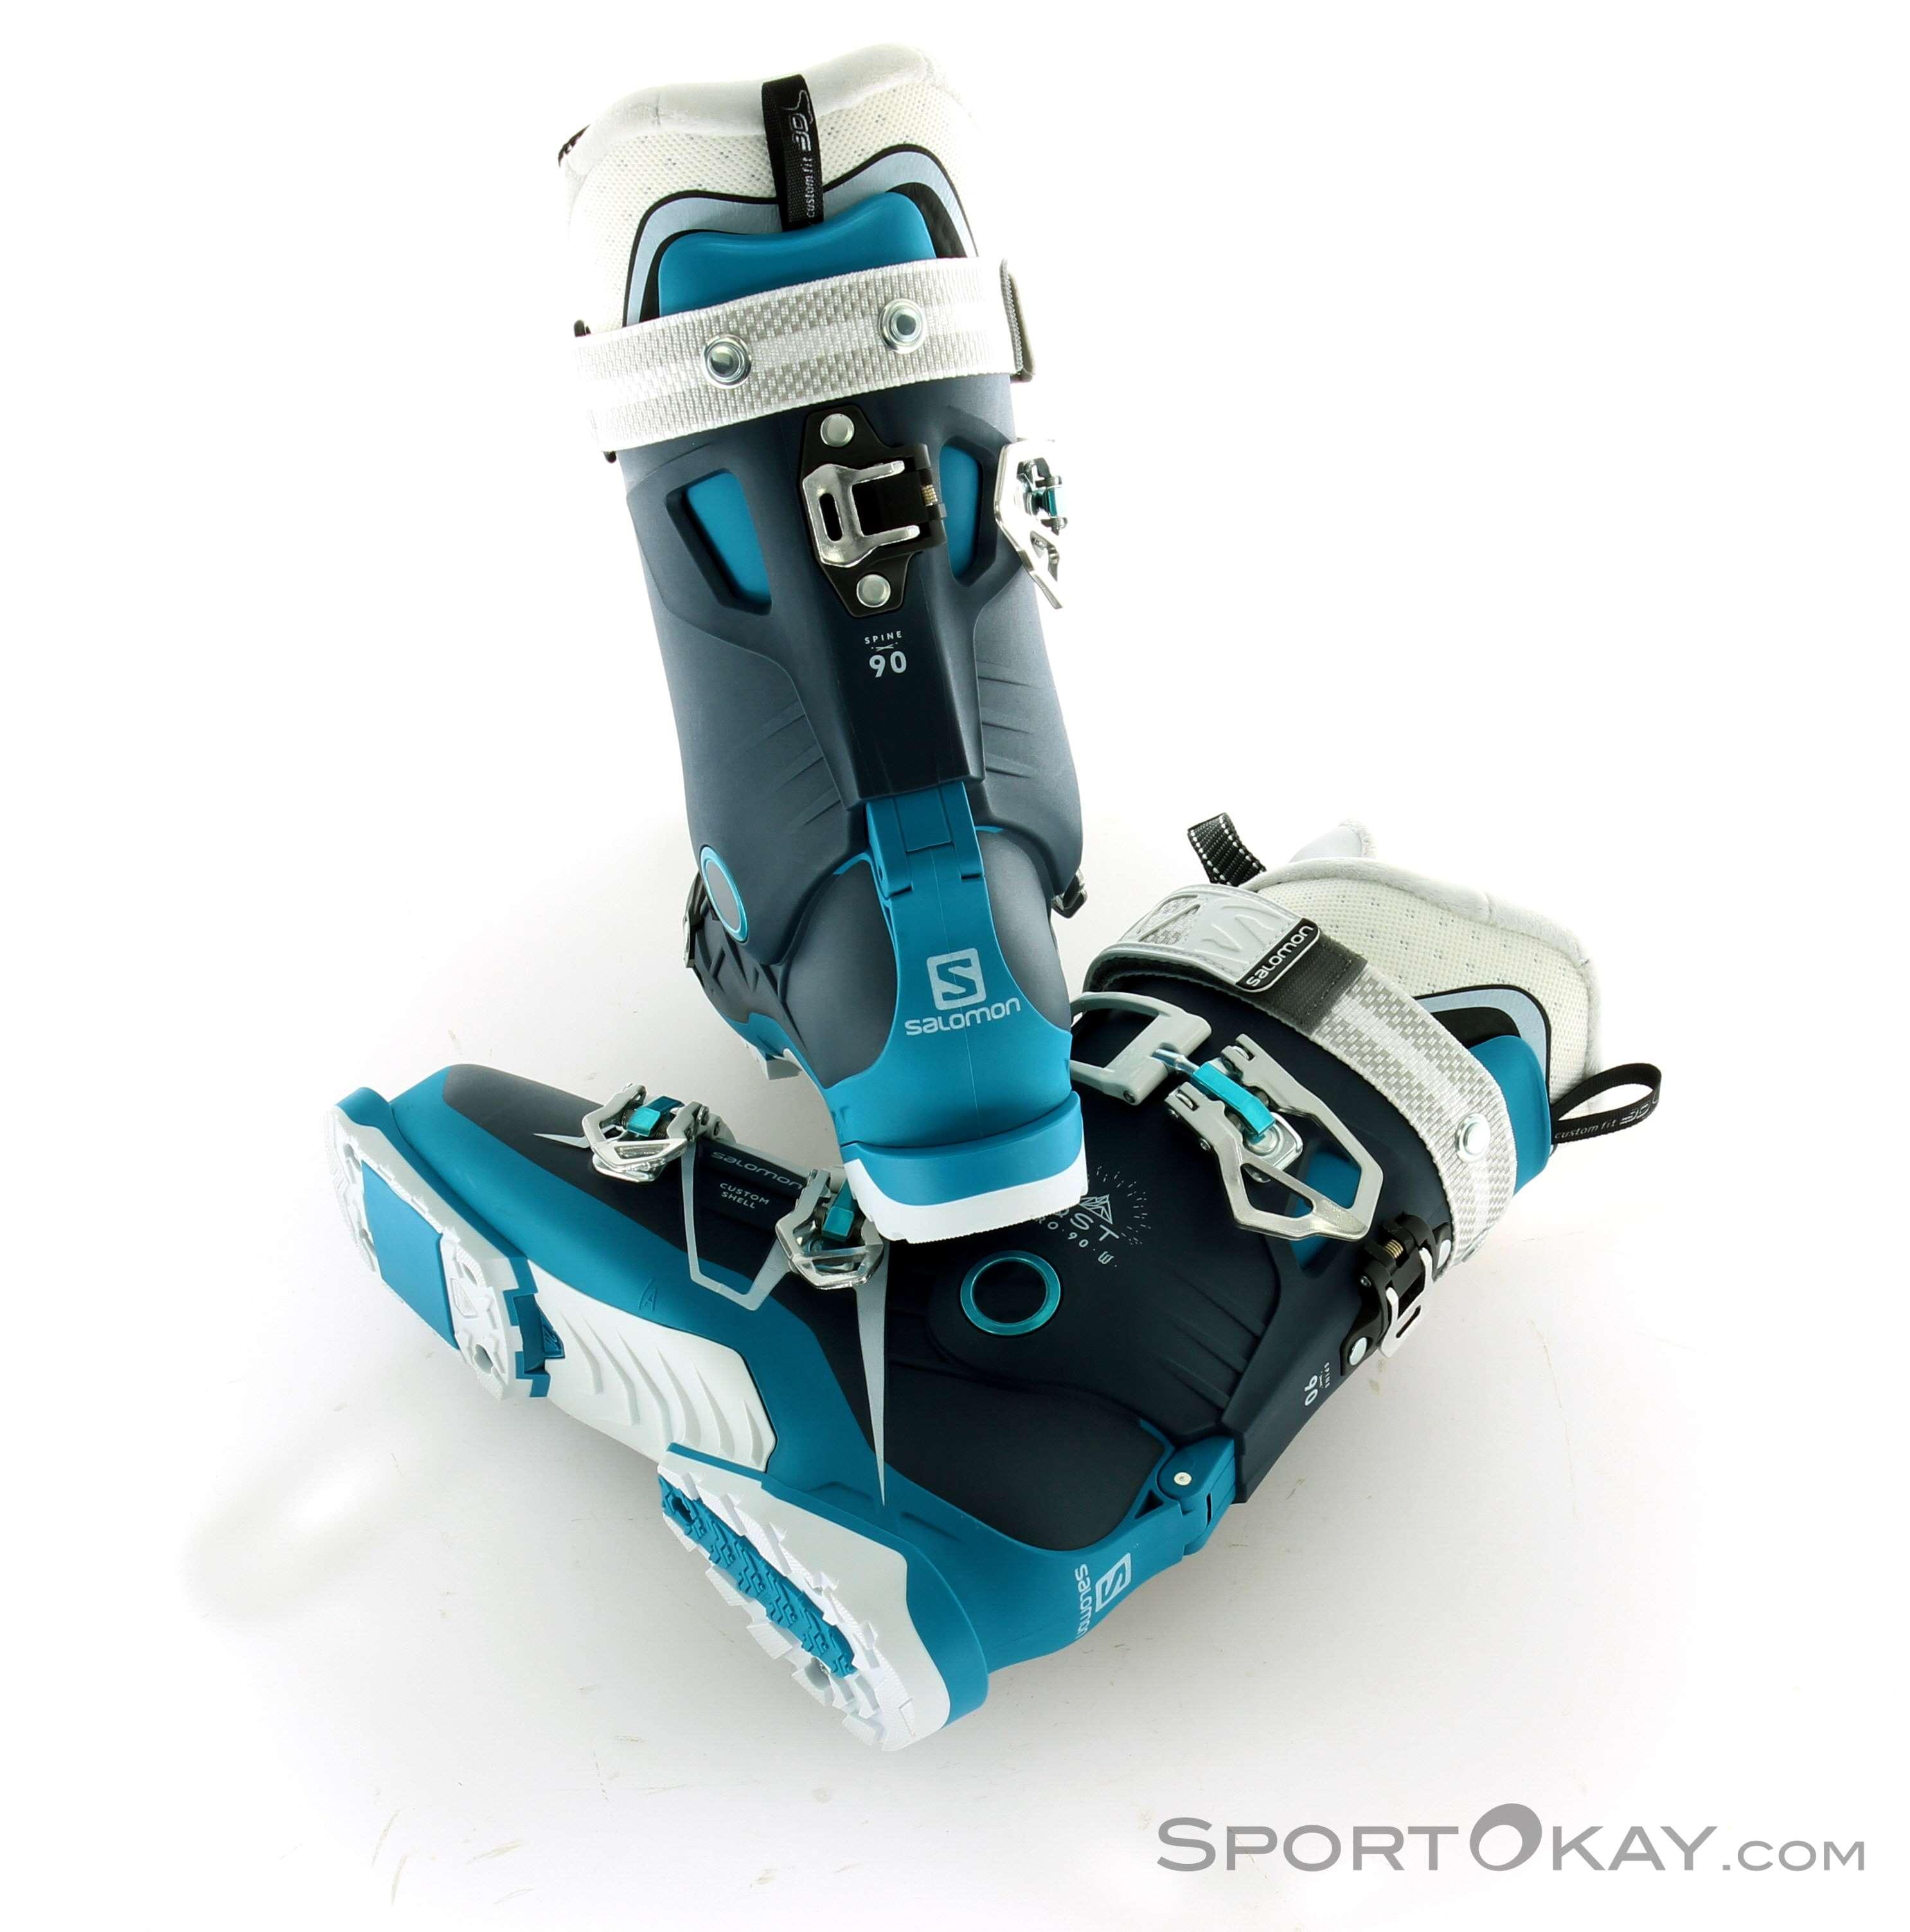 W Ski 90 Qst Salomon Womens Pro Boots FKJuclT13